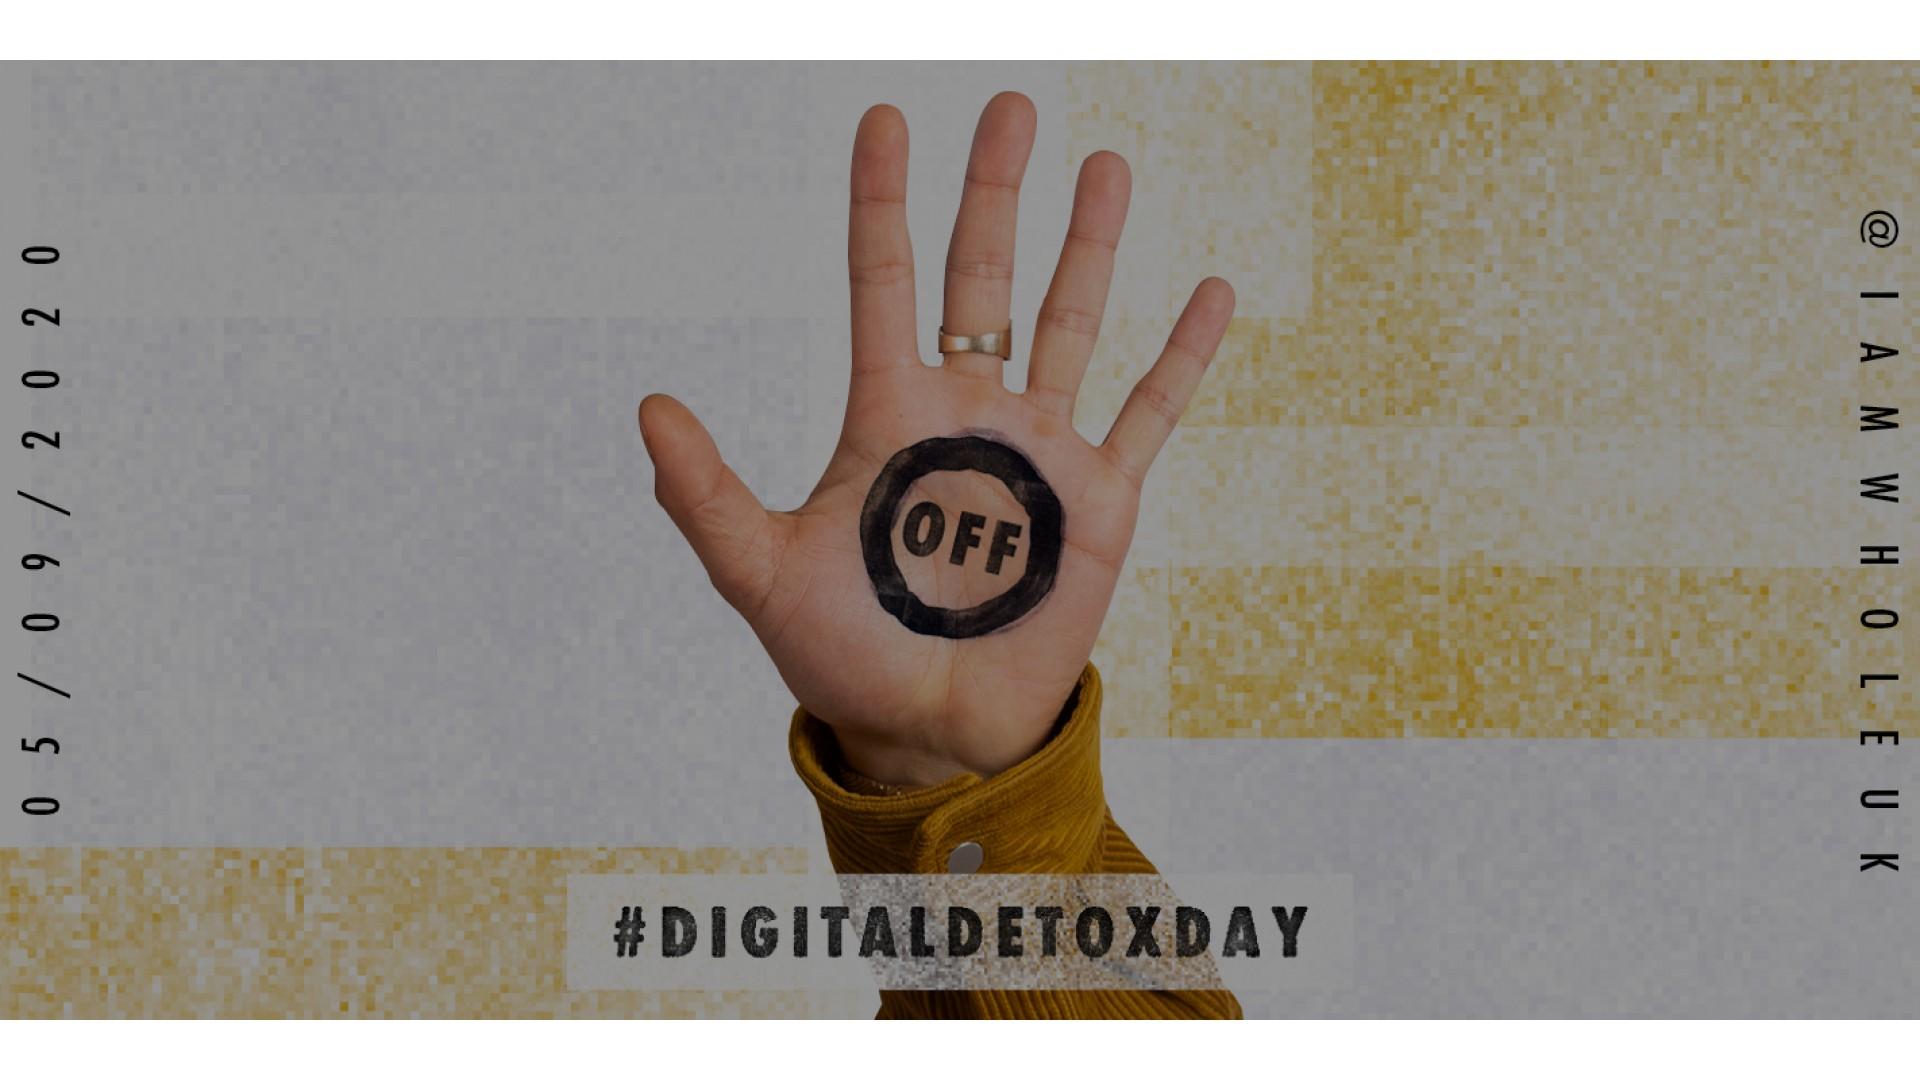 Τι είναι η Digital Detox Day;